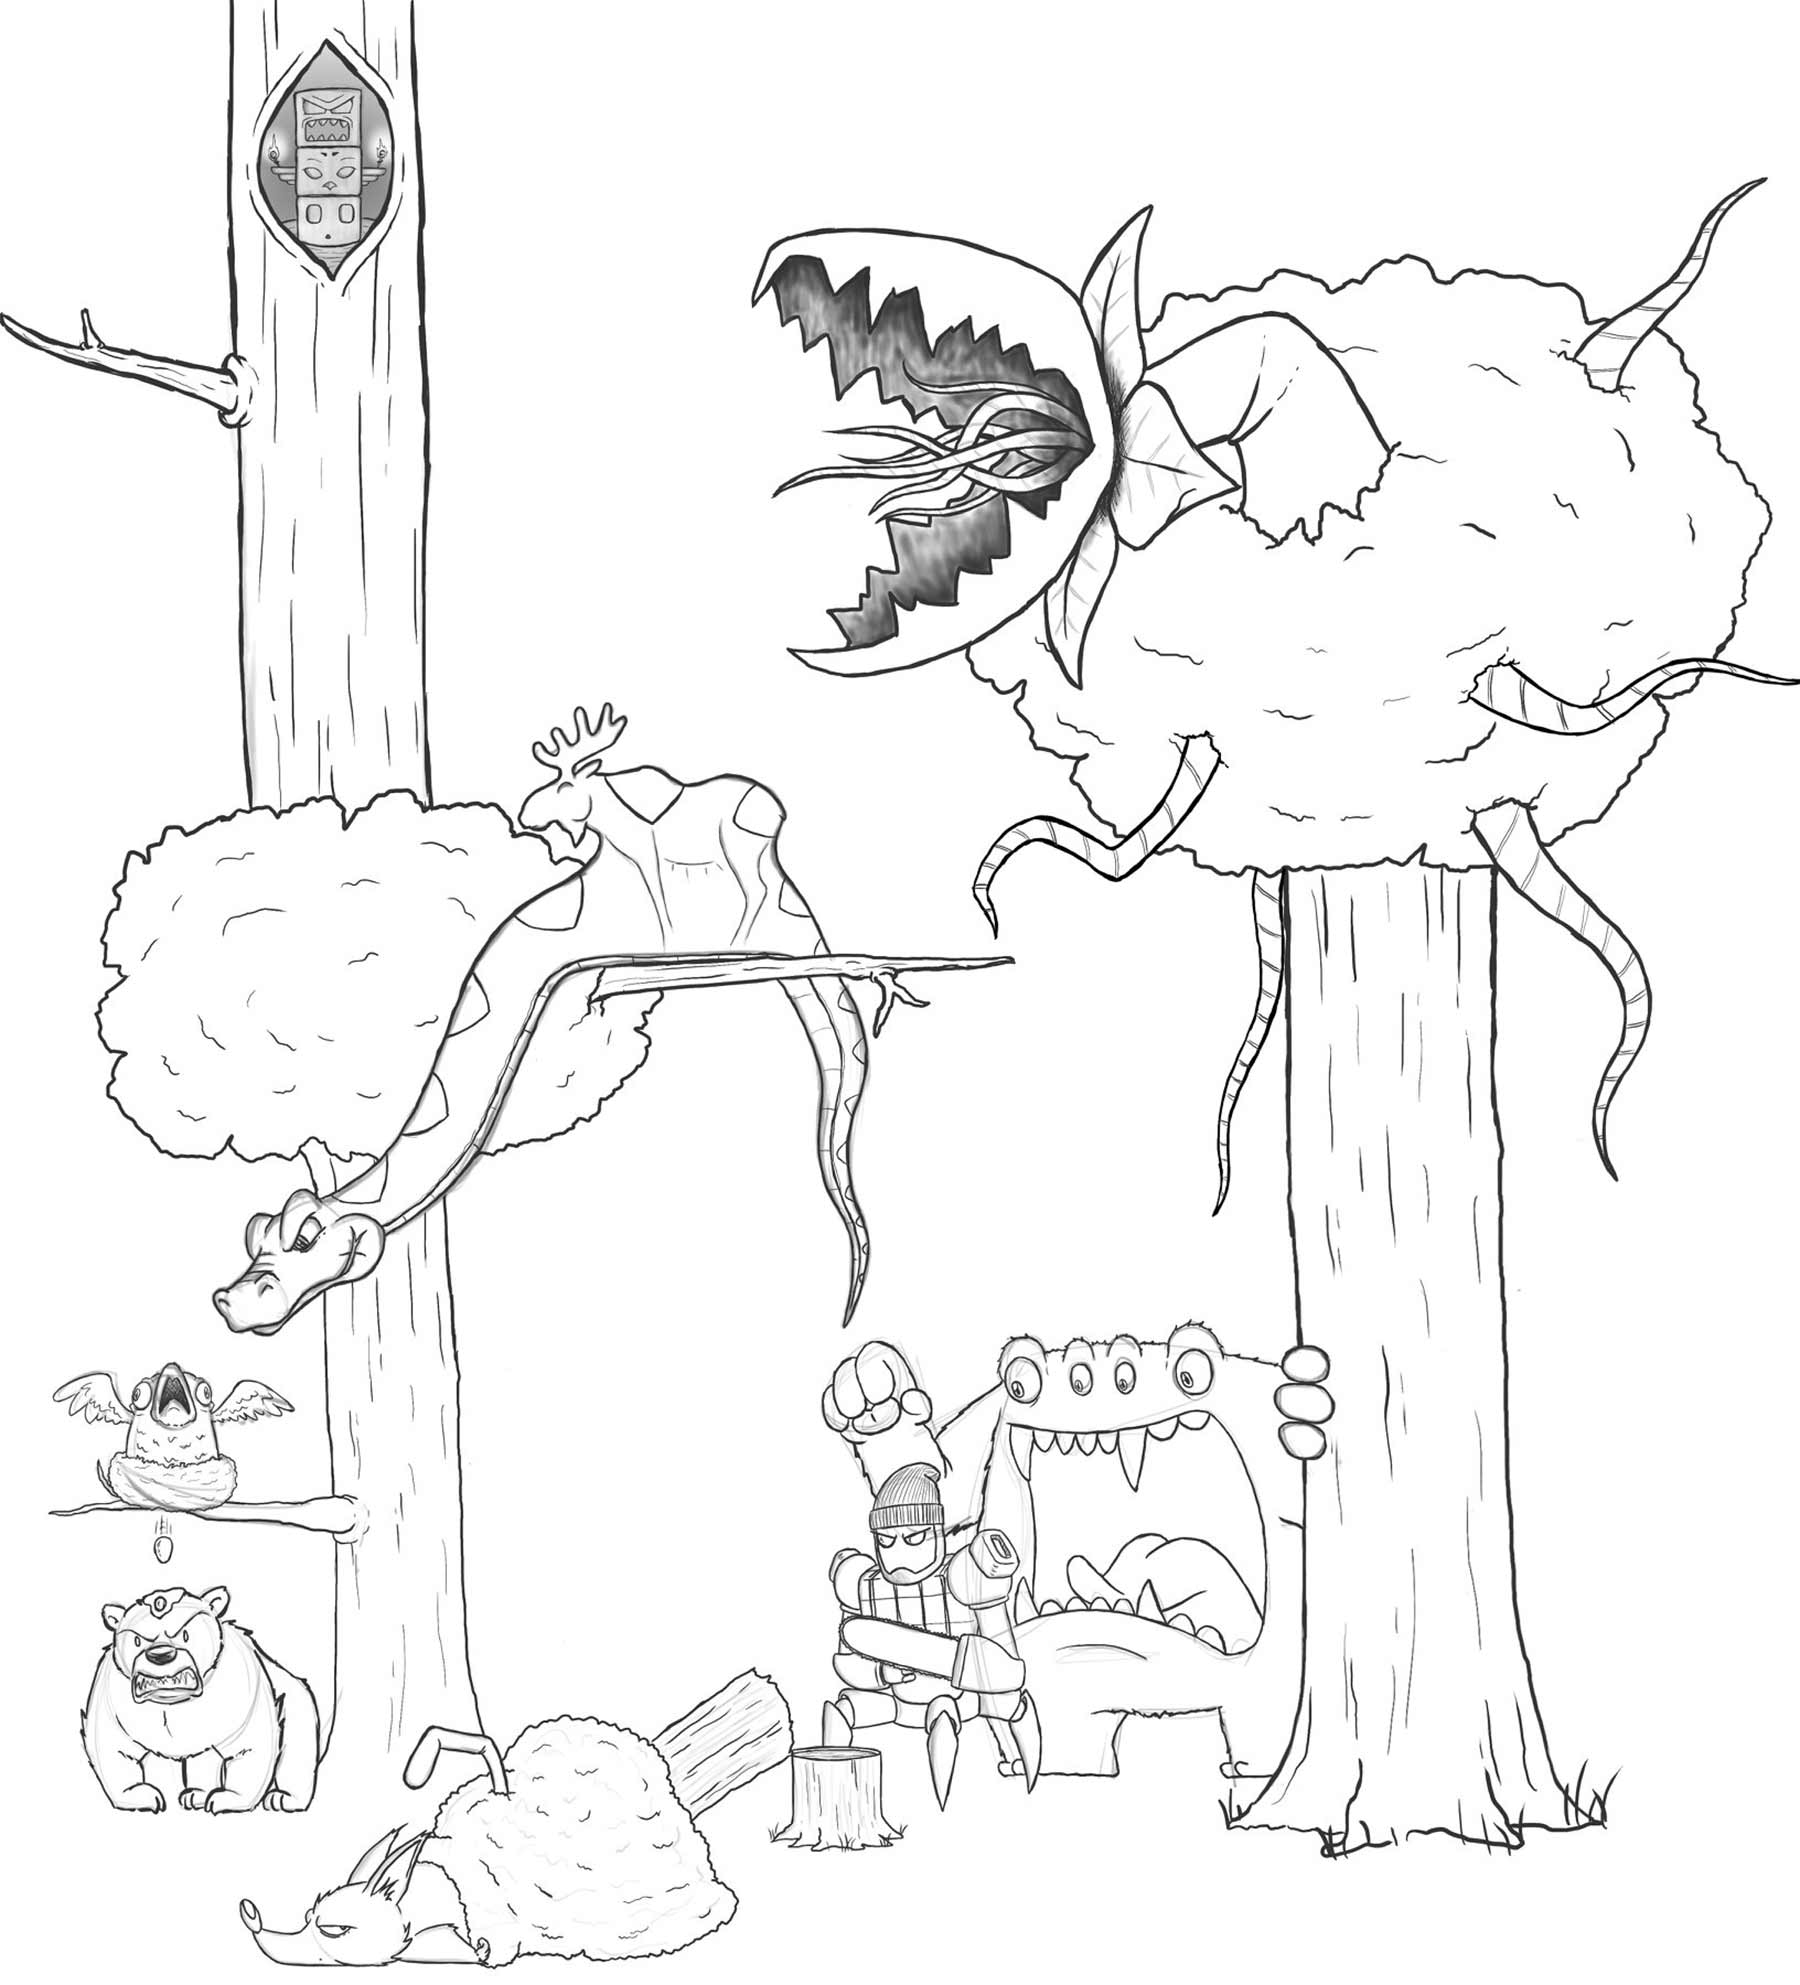 Eric Keledjian hat dieser Zeichnung jeden Tag eine Figur hinzugefügt Eric-Keledjian_19-tage-zeichnung_09